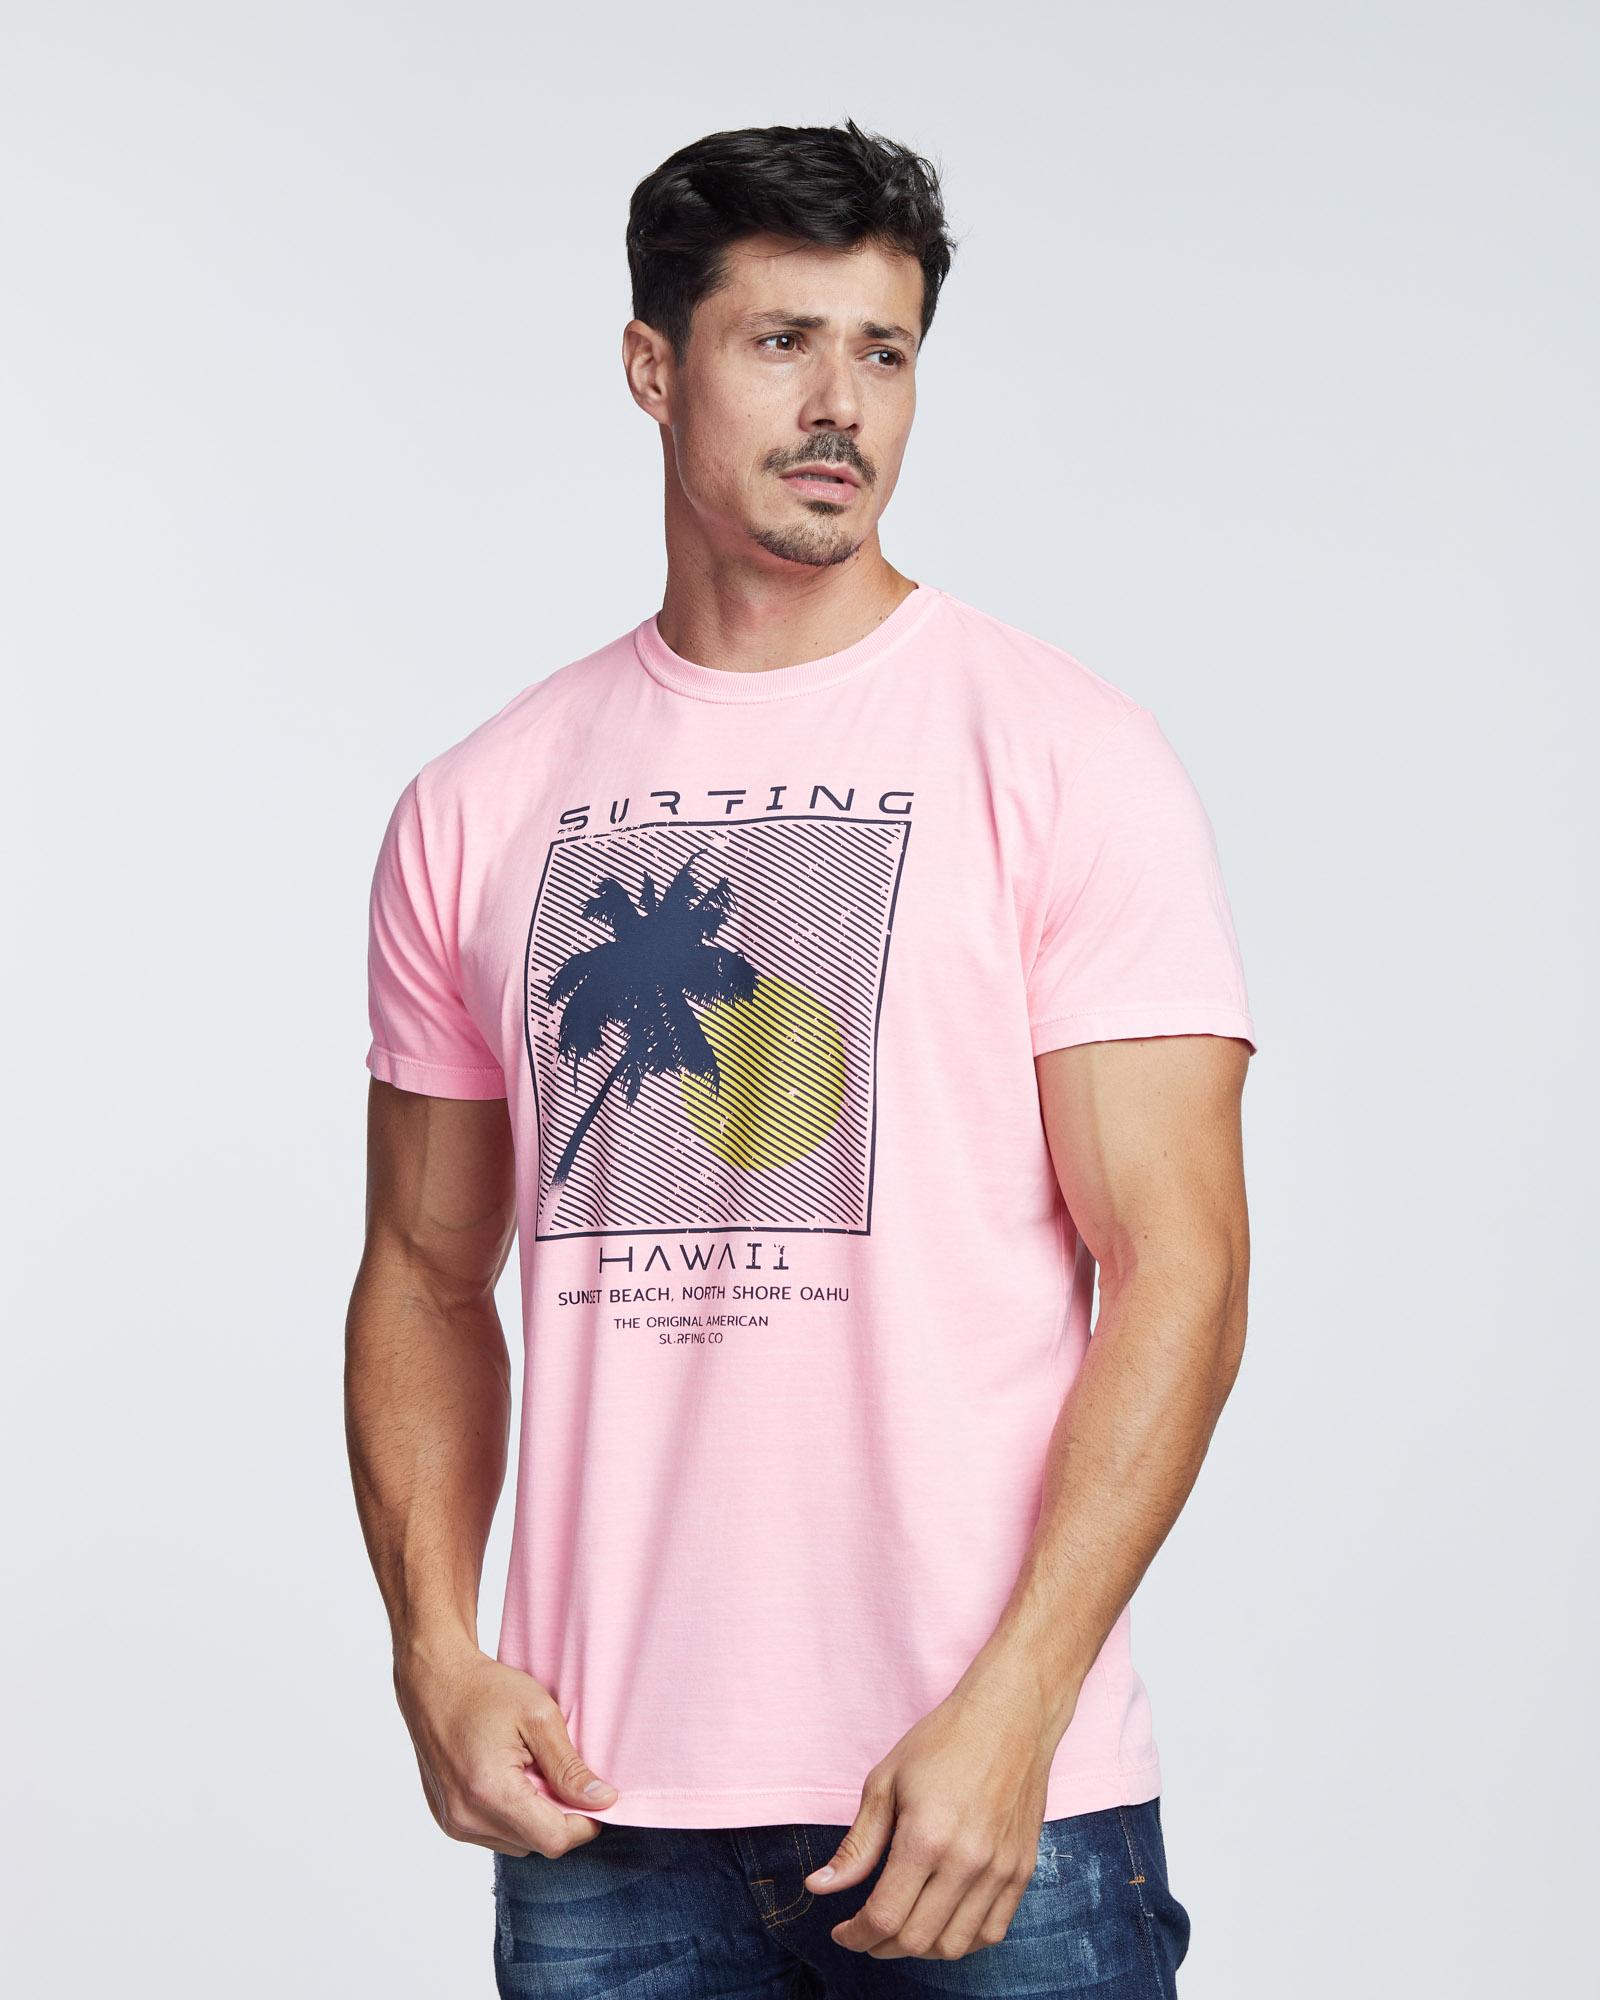 Camiseta Hawaii Surfing Masculina Evolvee